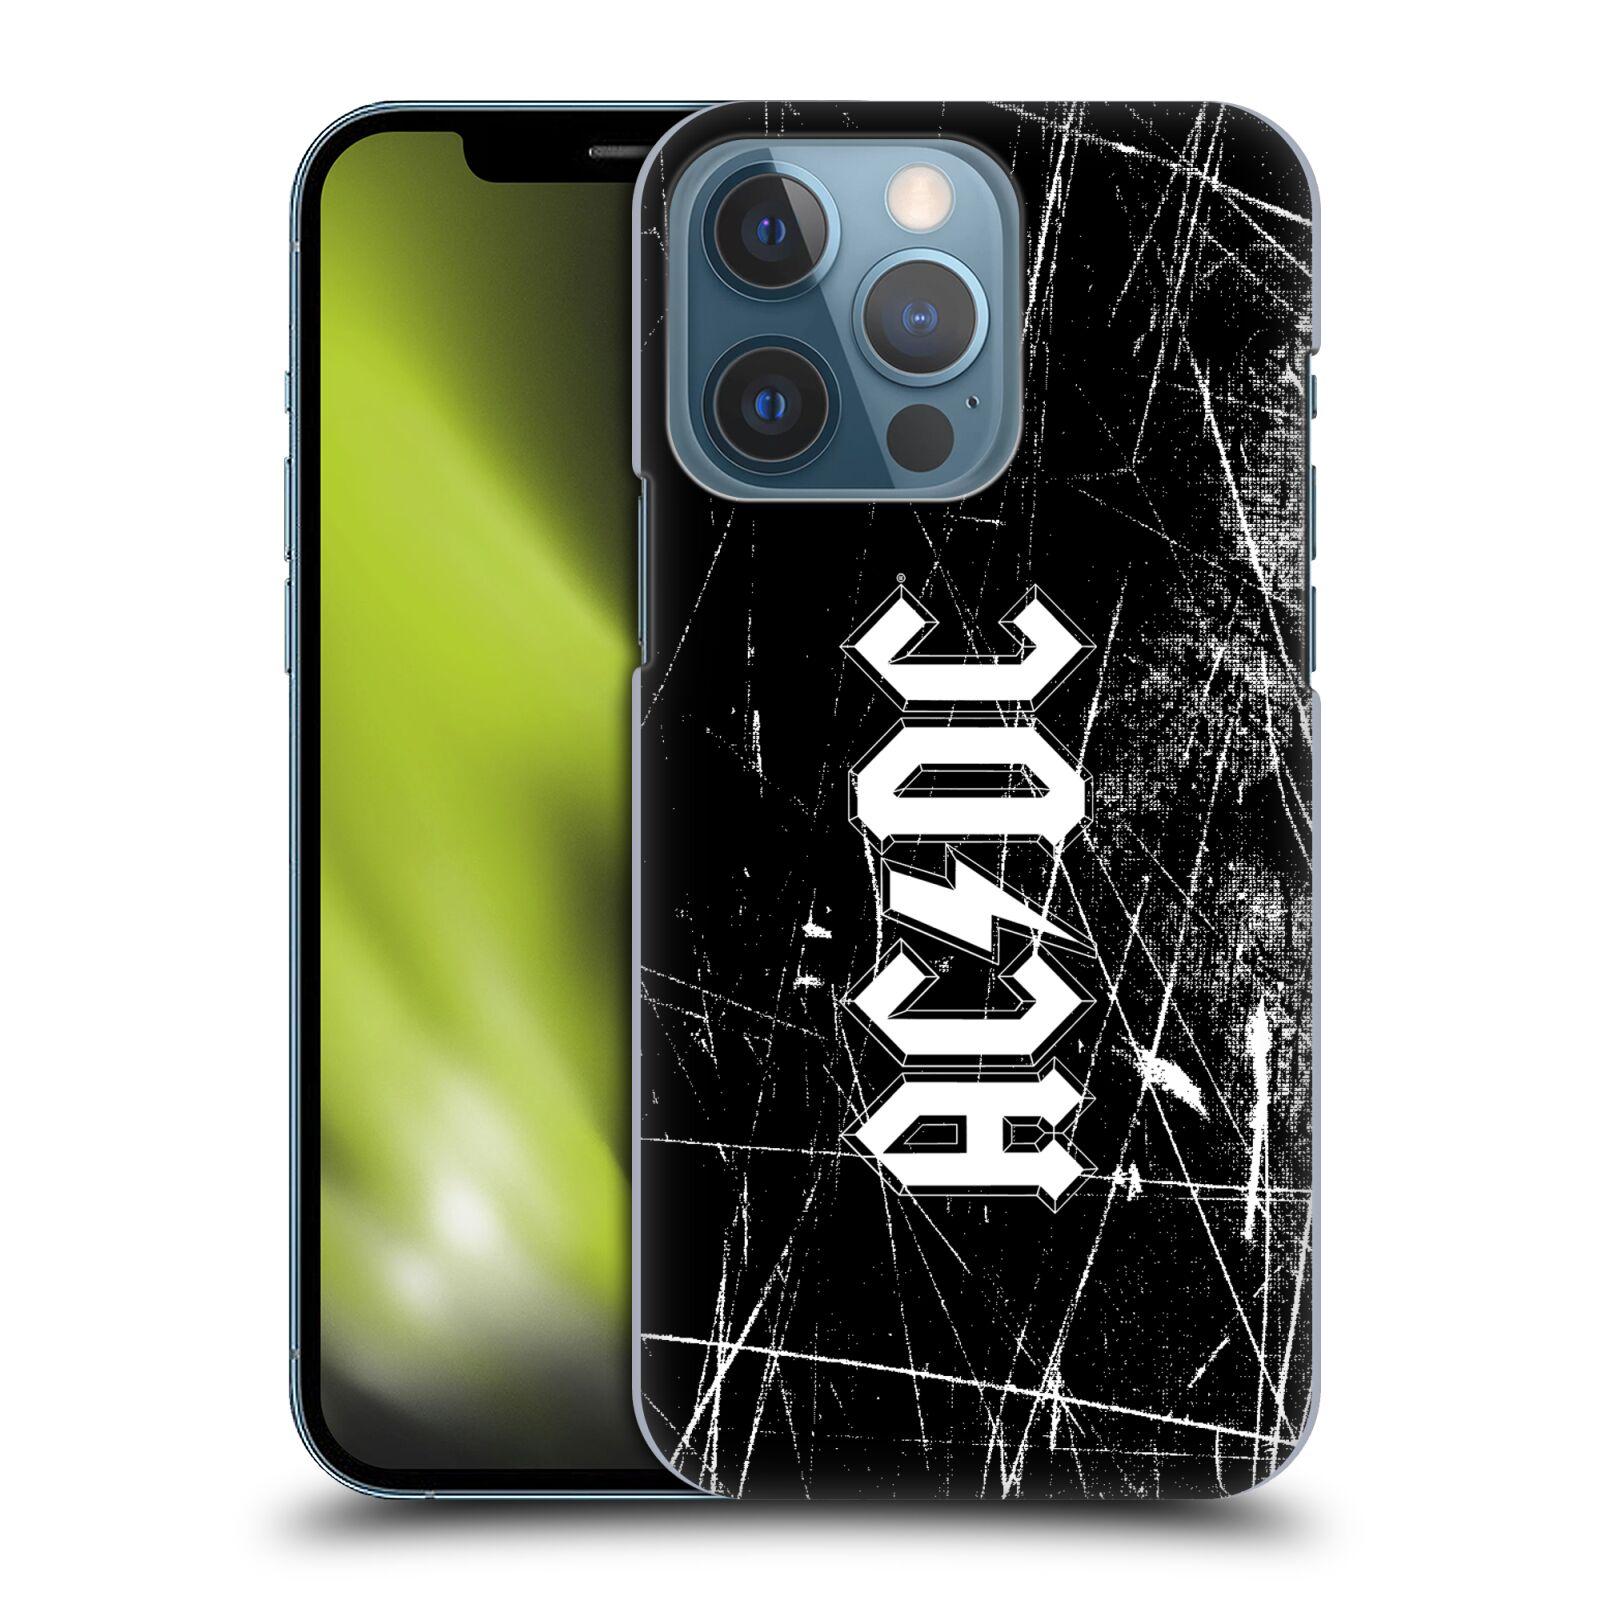 Plastové pouzdro na mobil Apple iPhone 13 Pro - Head Case - AC/DC Černobílé logo